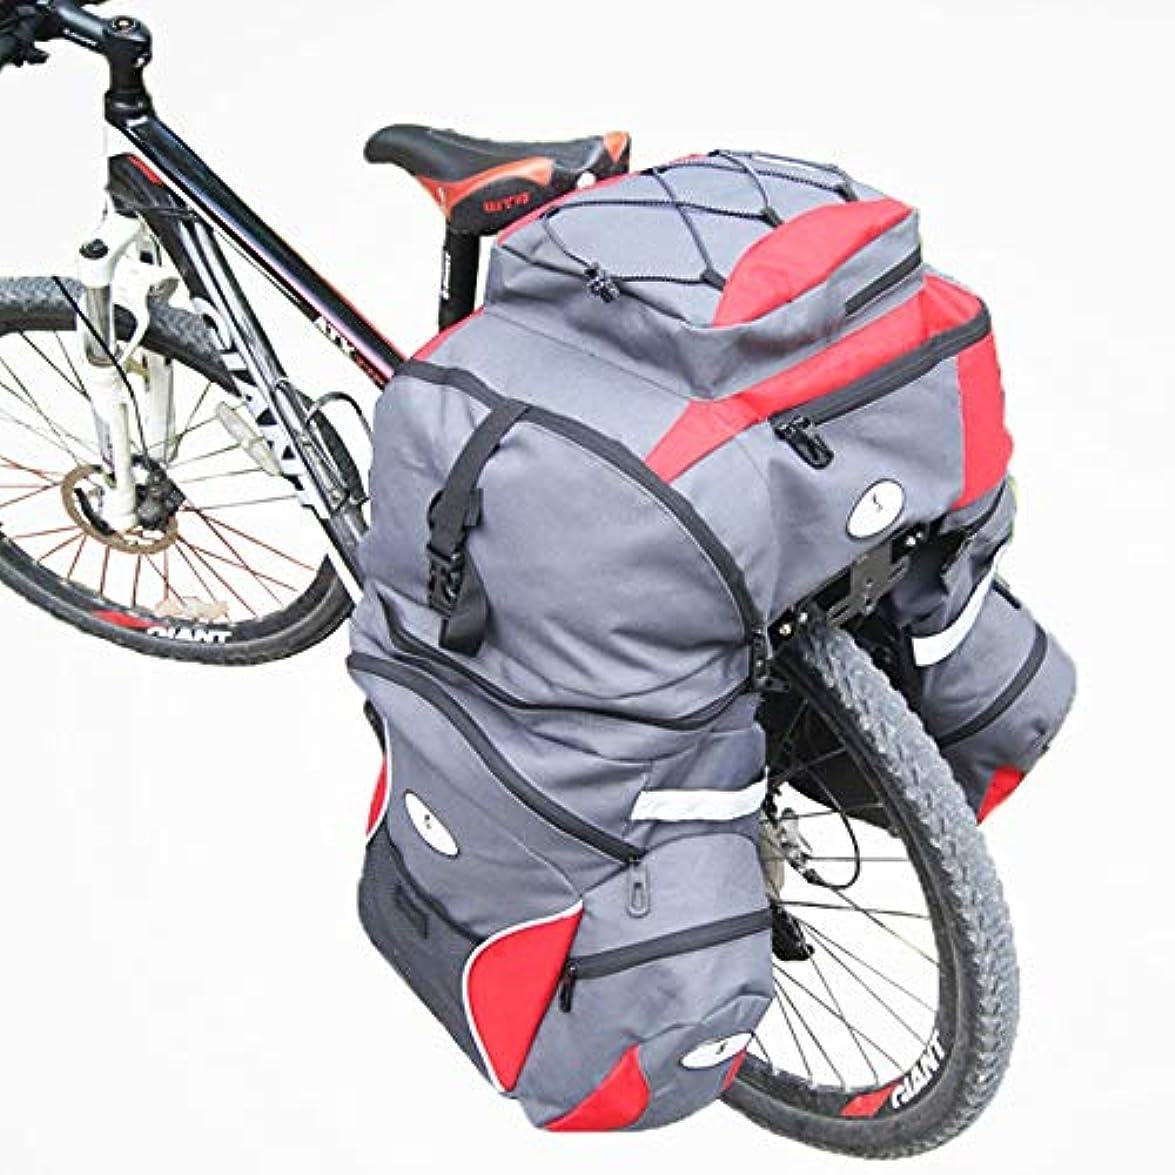 だます異なる後方自転車パニエ自転車パニエトランクバッグ、3 in 1大容量自転車後部座席パニエフィット防雨カバー自転車シートパックバッグ付きサイクリングトリップのため サイクリングバッグ防水 (色 : 赤)